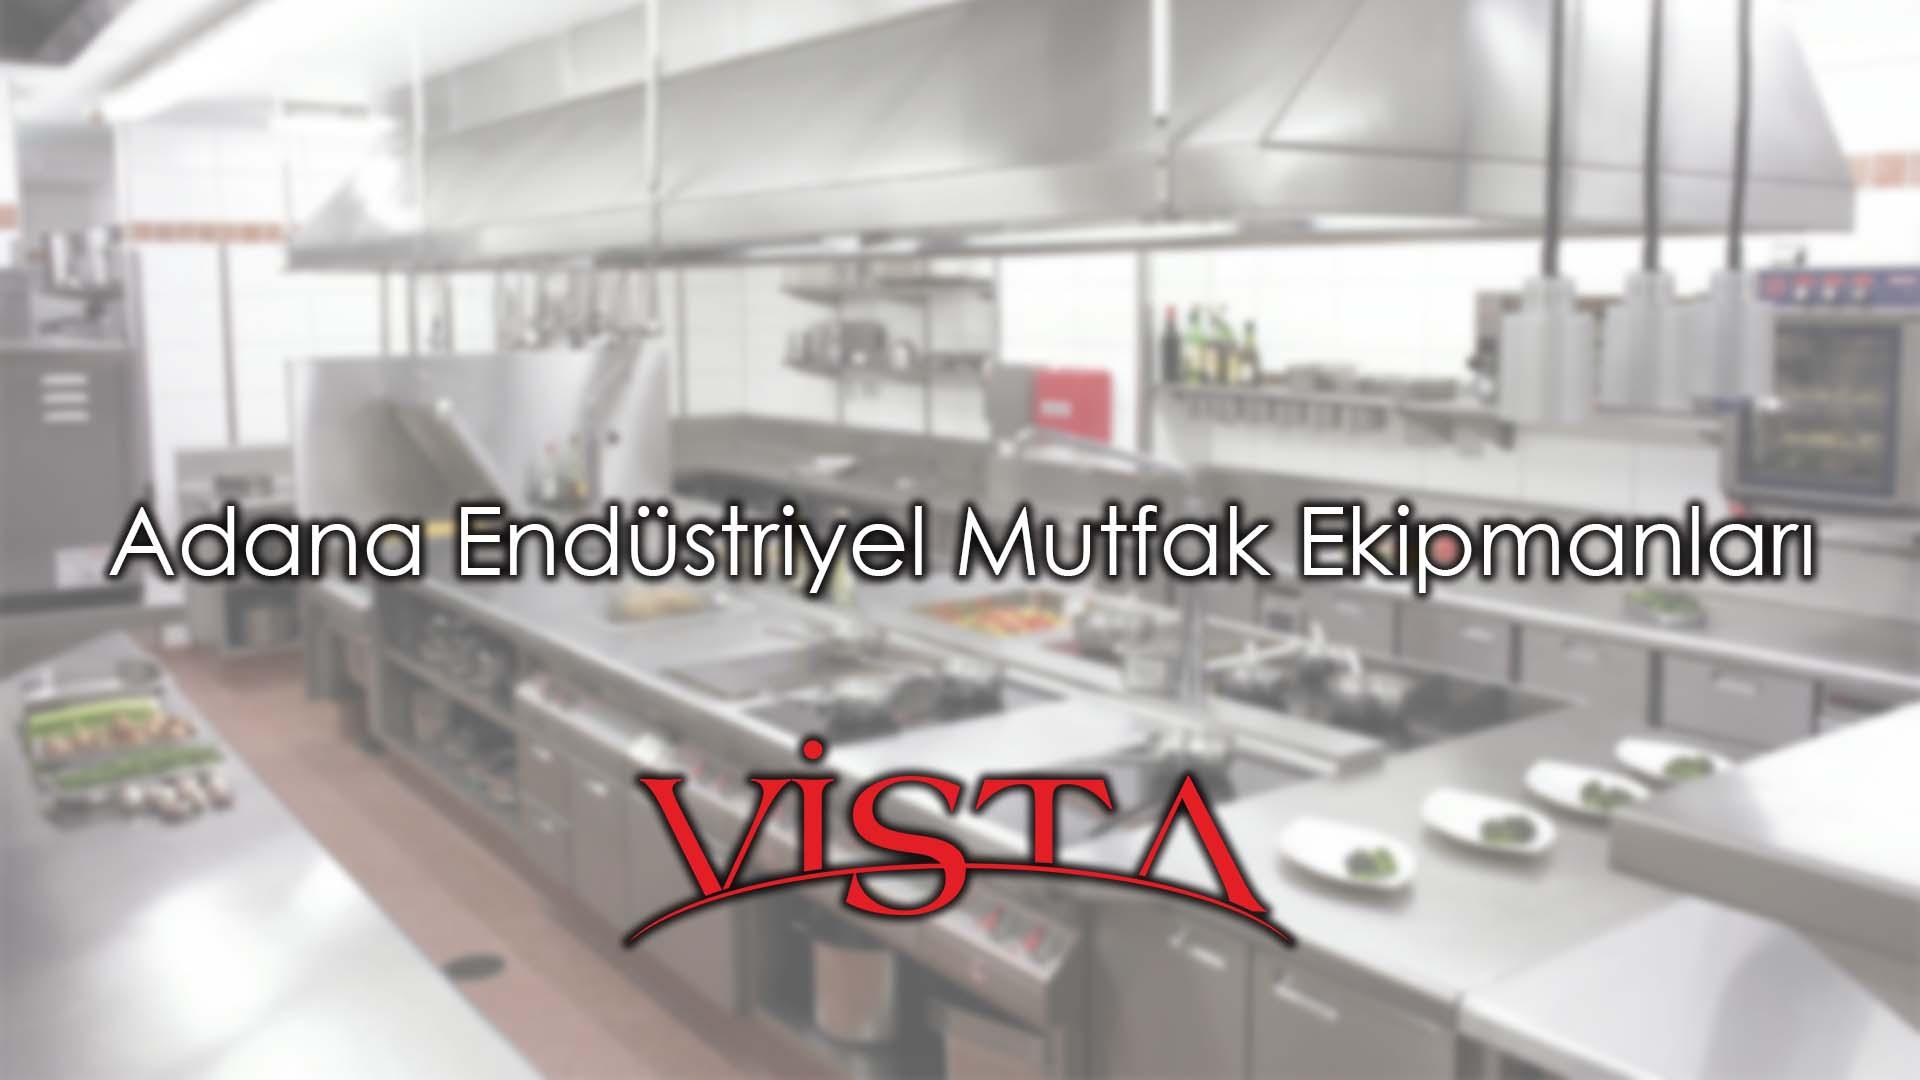 Endüstriyel Mutfak Ekipmanları Adana